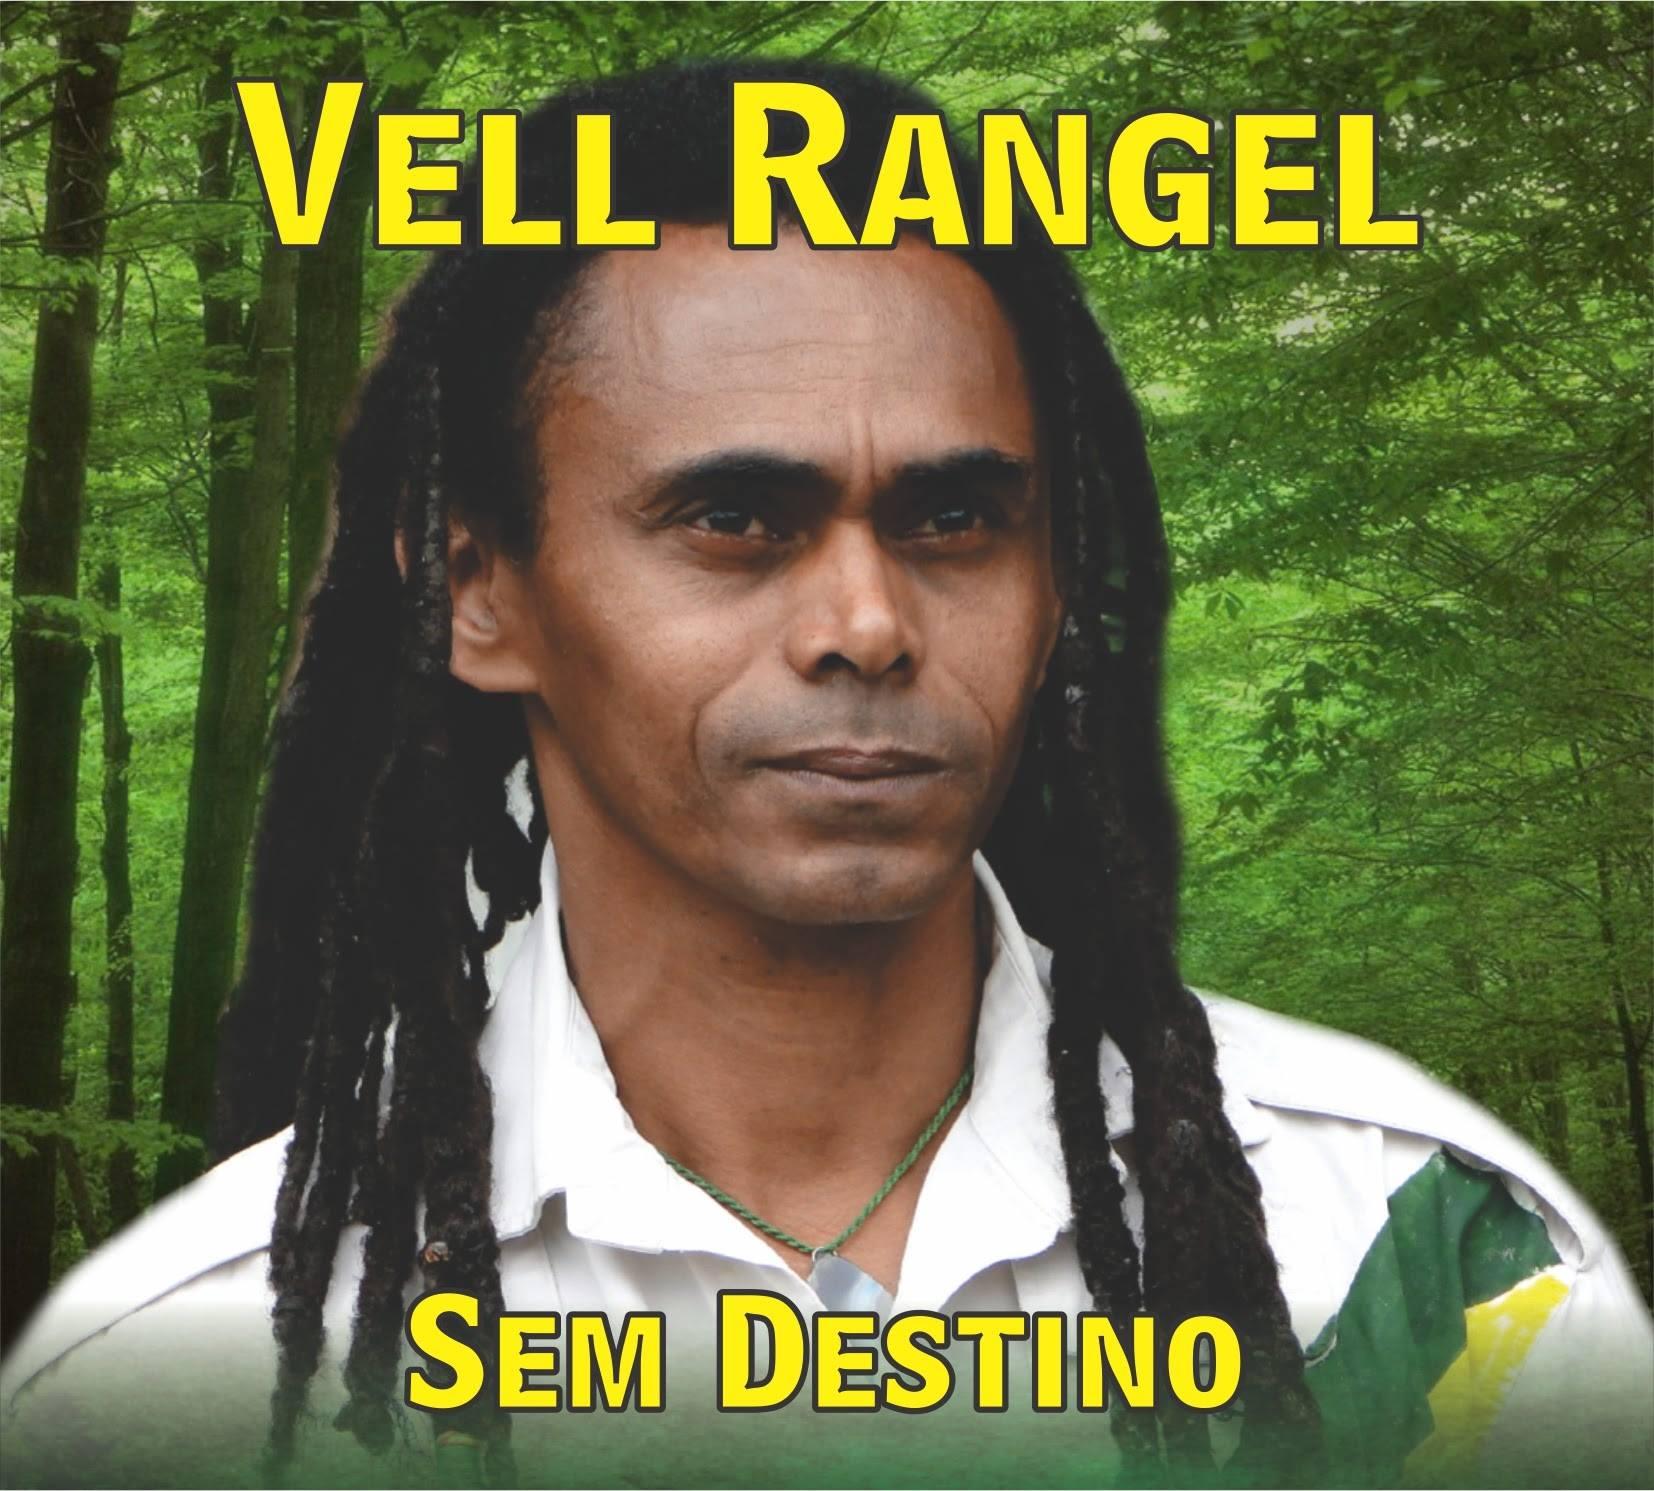 Vell Rangel